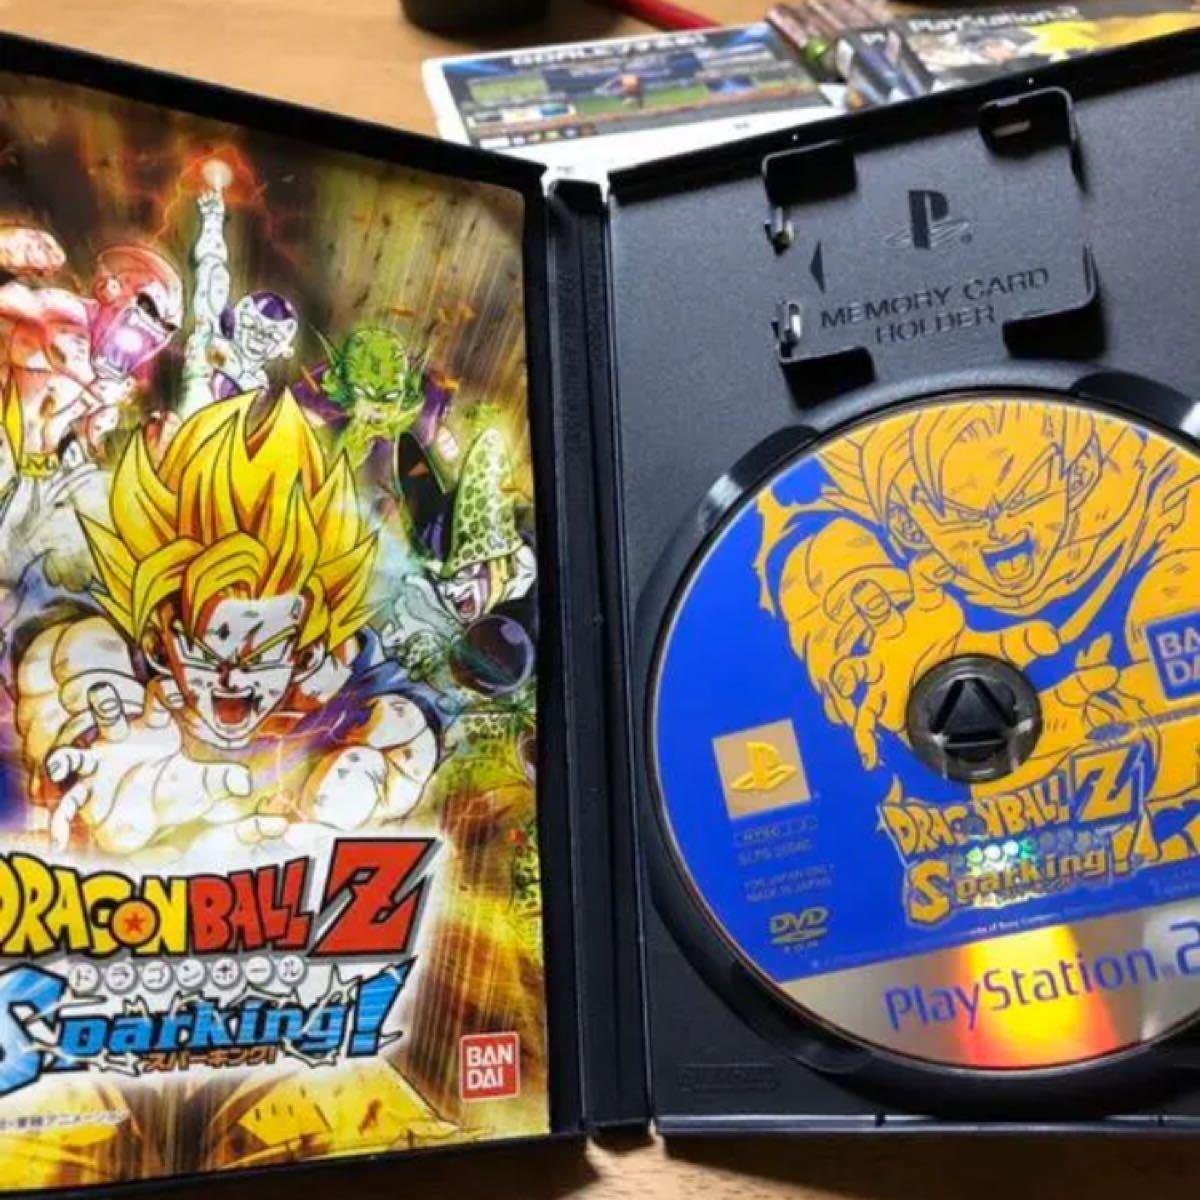 ドラゴンボールZ PS2 スパーキング